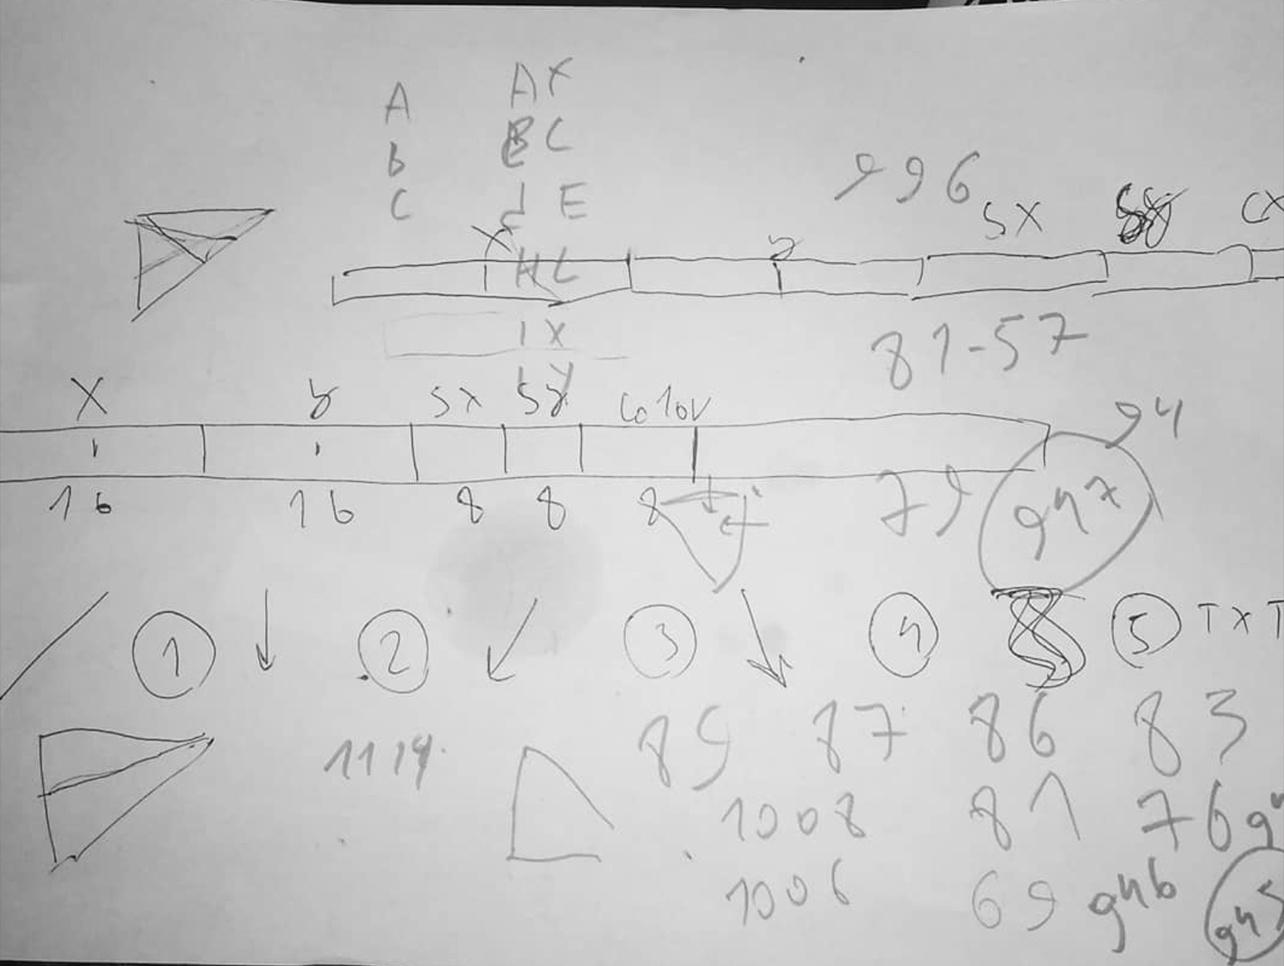 Создание 1k intro Chaos для ZX-Spectrum - 11